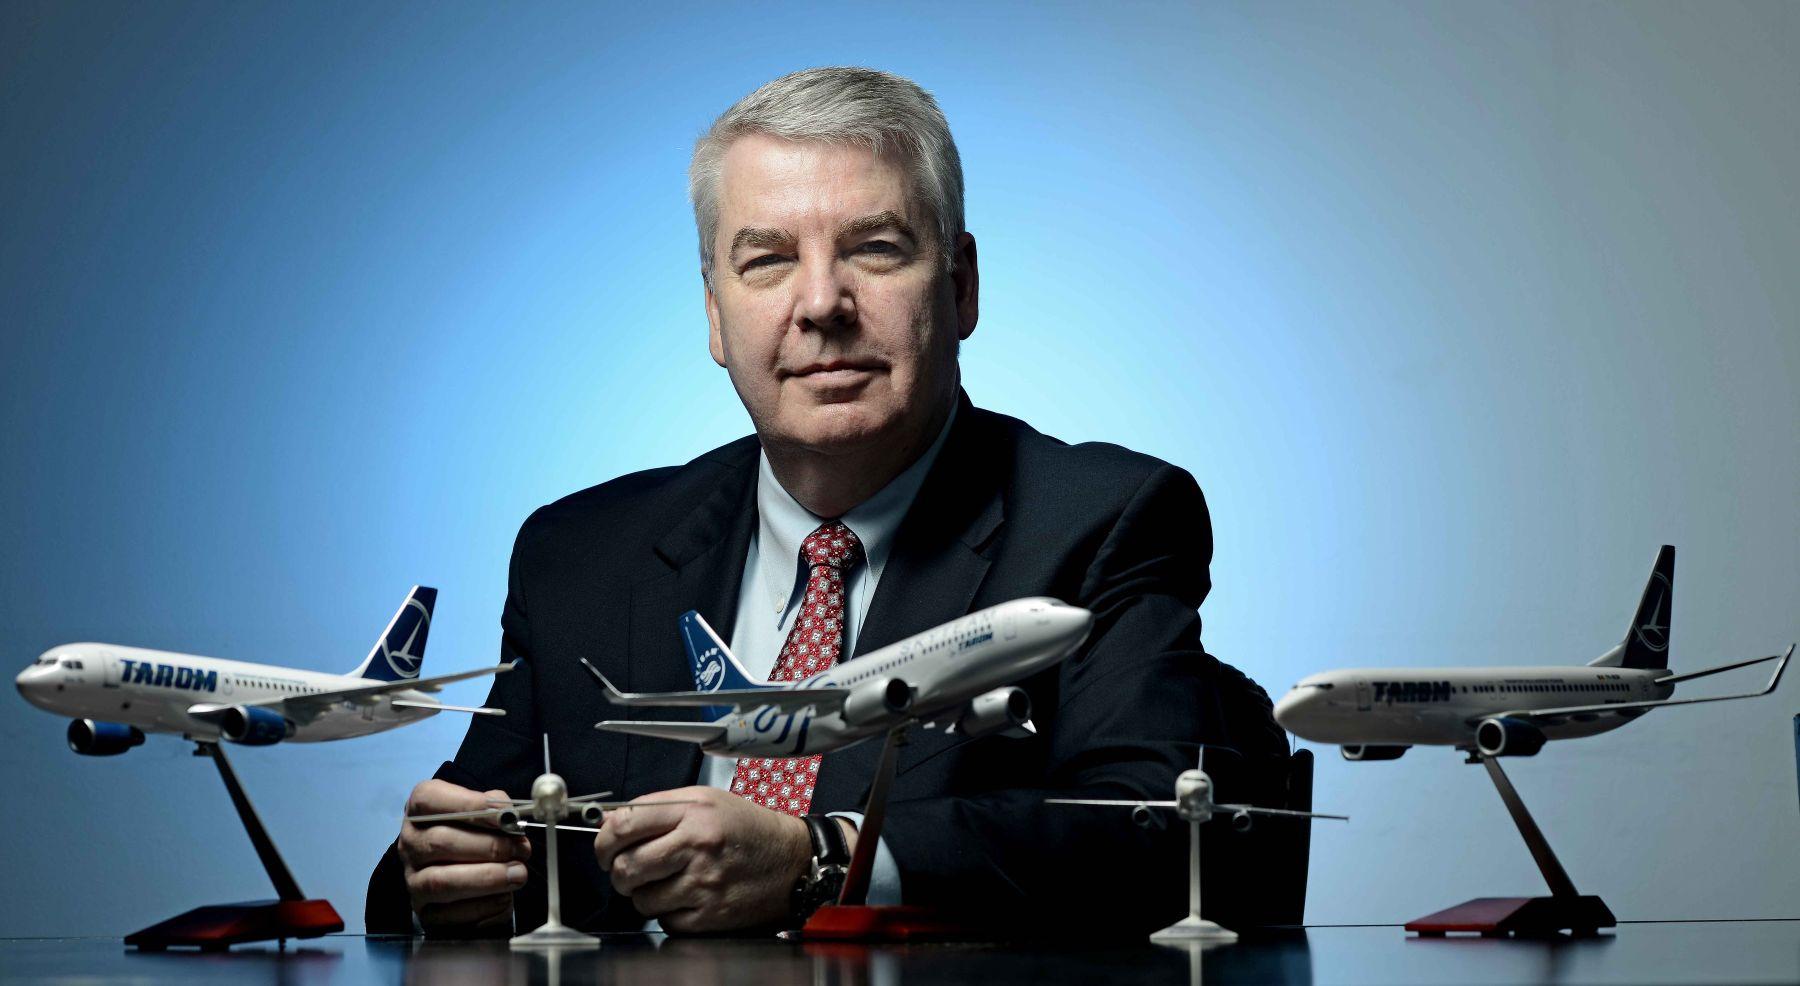 Şeful TAROM, huzur pe bani publici | Singura companie aeriană a statului, PIERDERI MASCATE de zeci de milioane de dolari